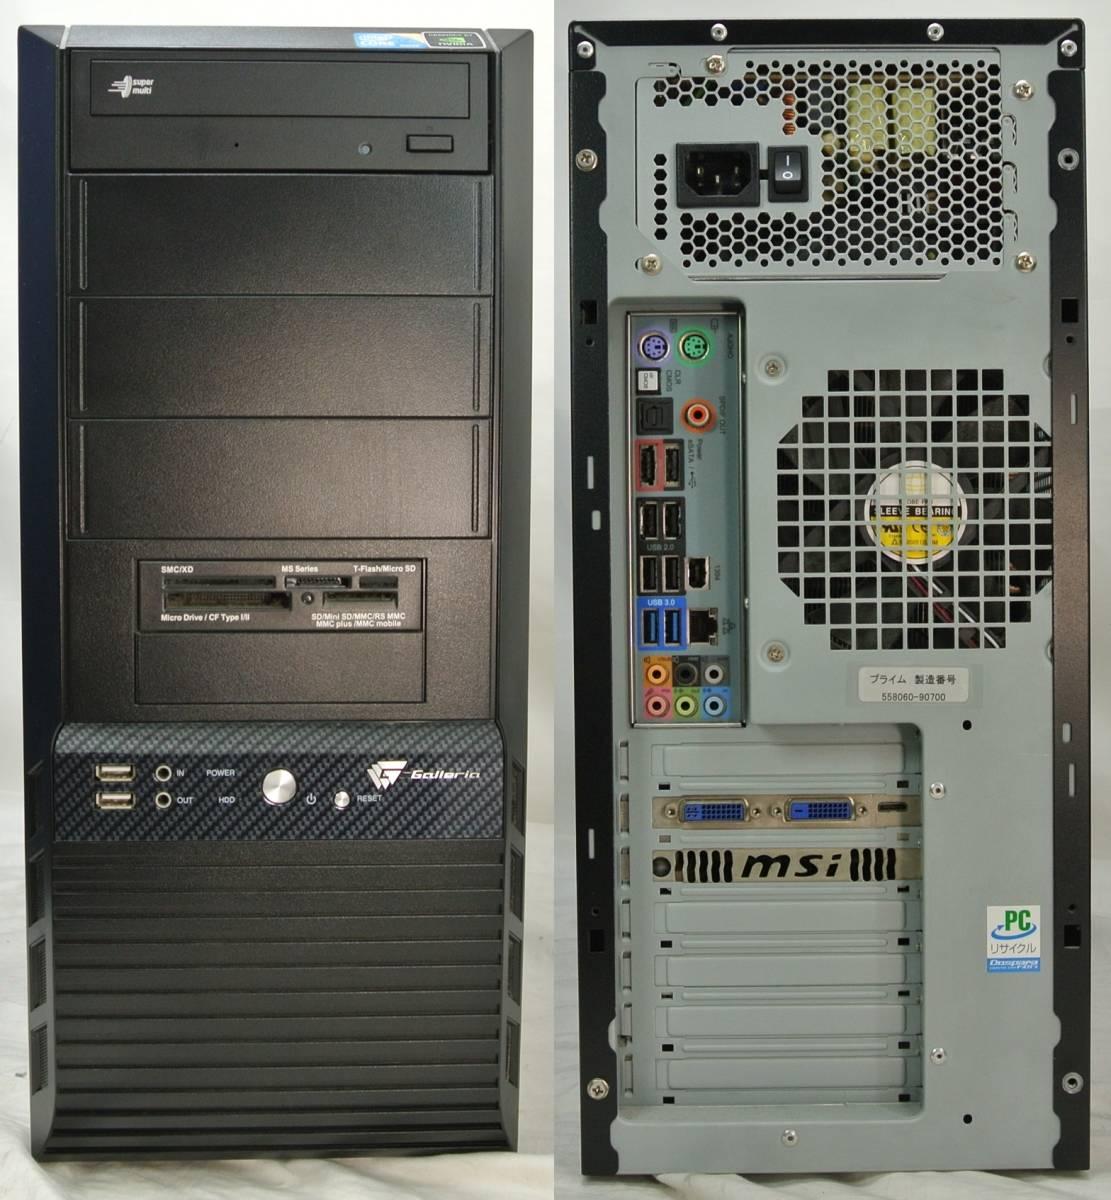 爆速SSD!ゲーミングPC/ドスパラ ガレリア i7-950/SSD128G+HDD500/最新Office/Fortnite/無線Wi-Fi/テレワーク・動画編集,フォートナイト_画像6